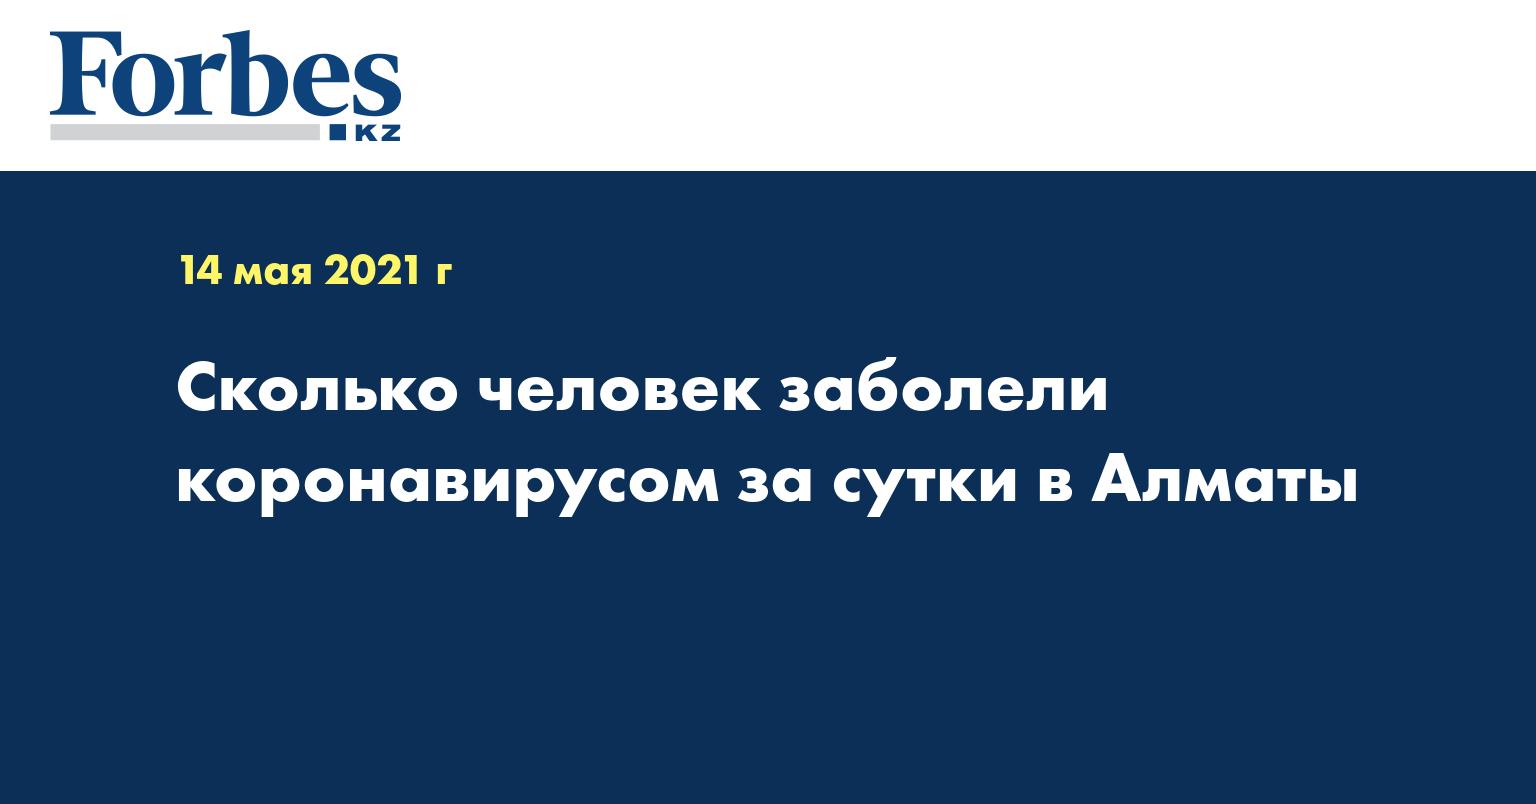 Сколько человек заболели коронавирусом за сутки в Алматы